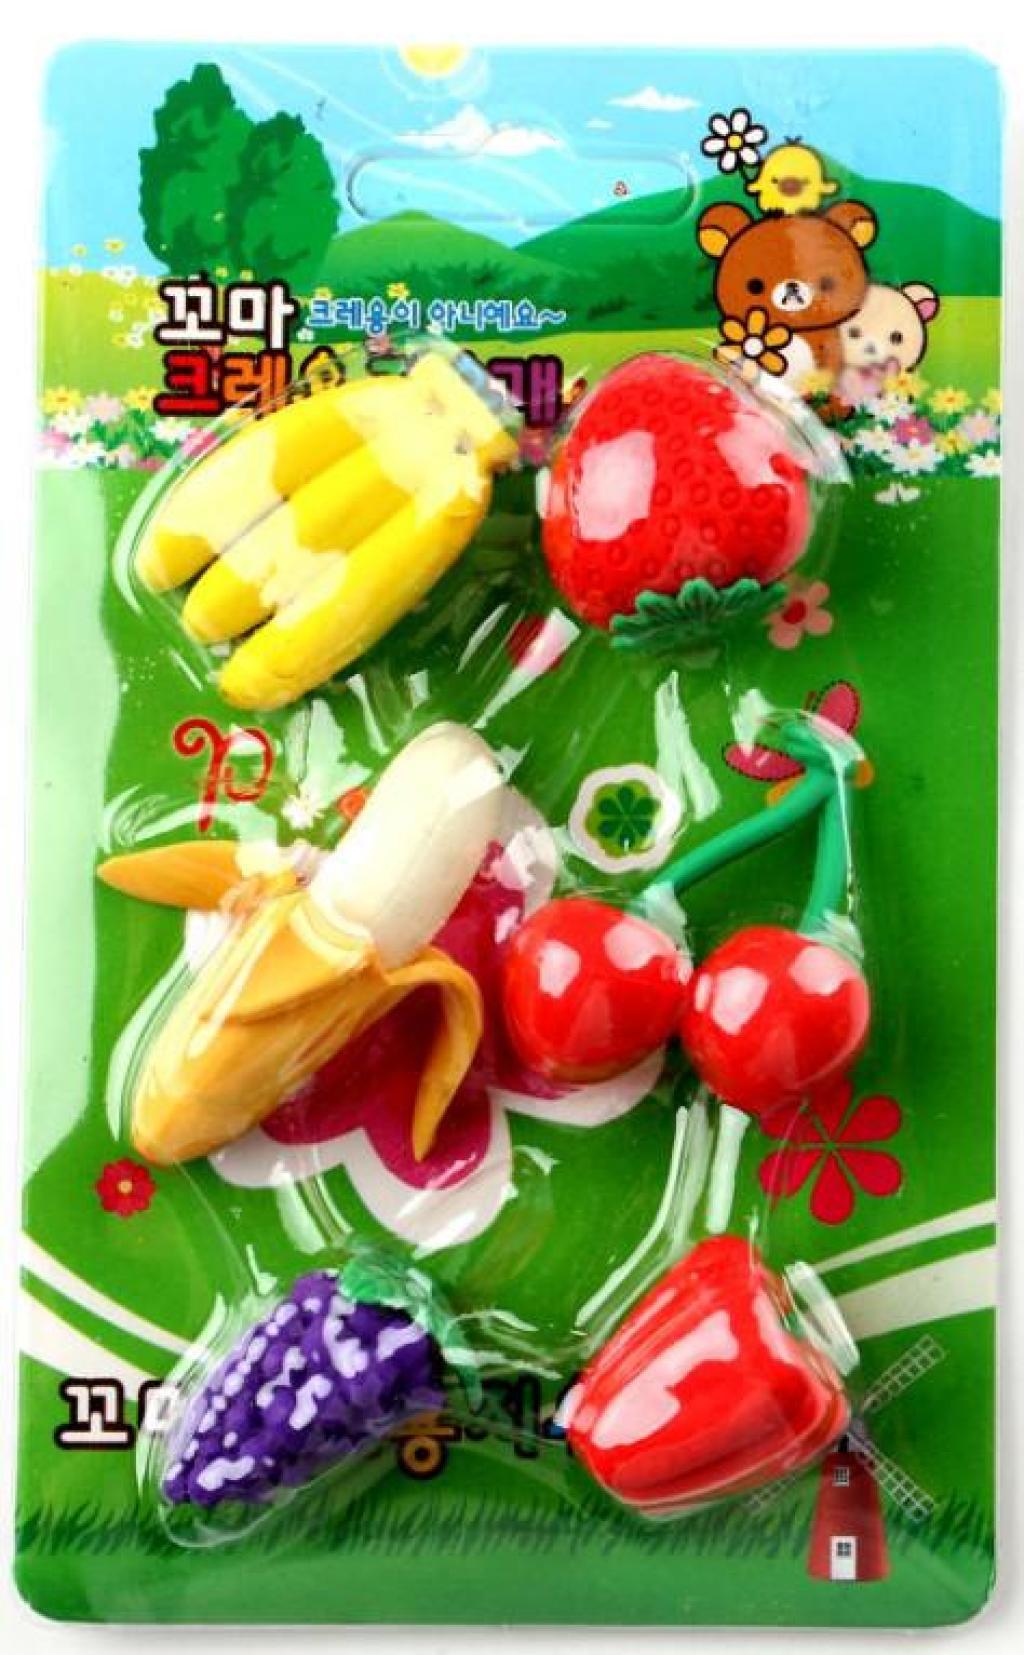 水果蔬菜创意造型